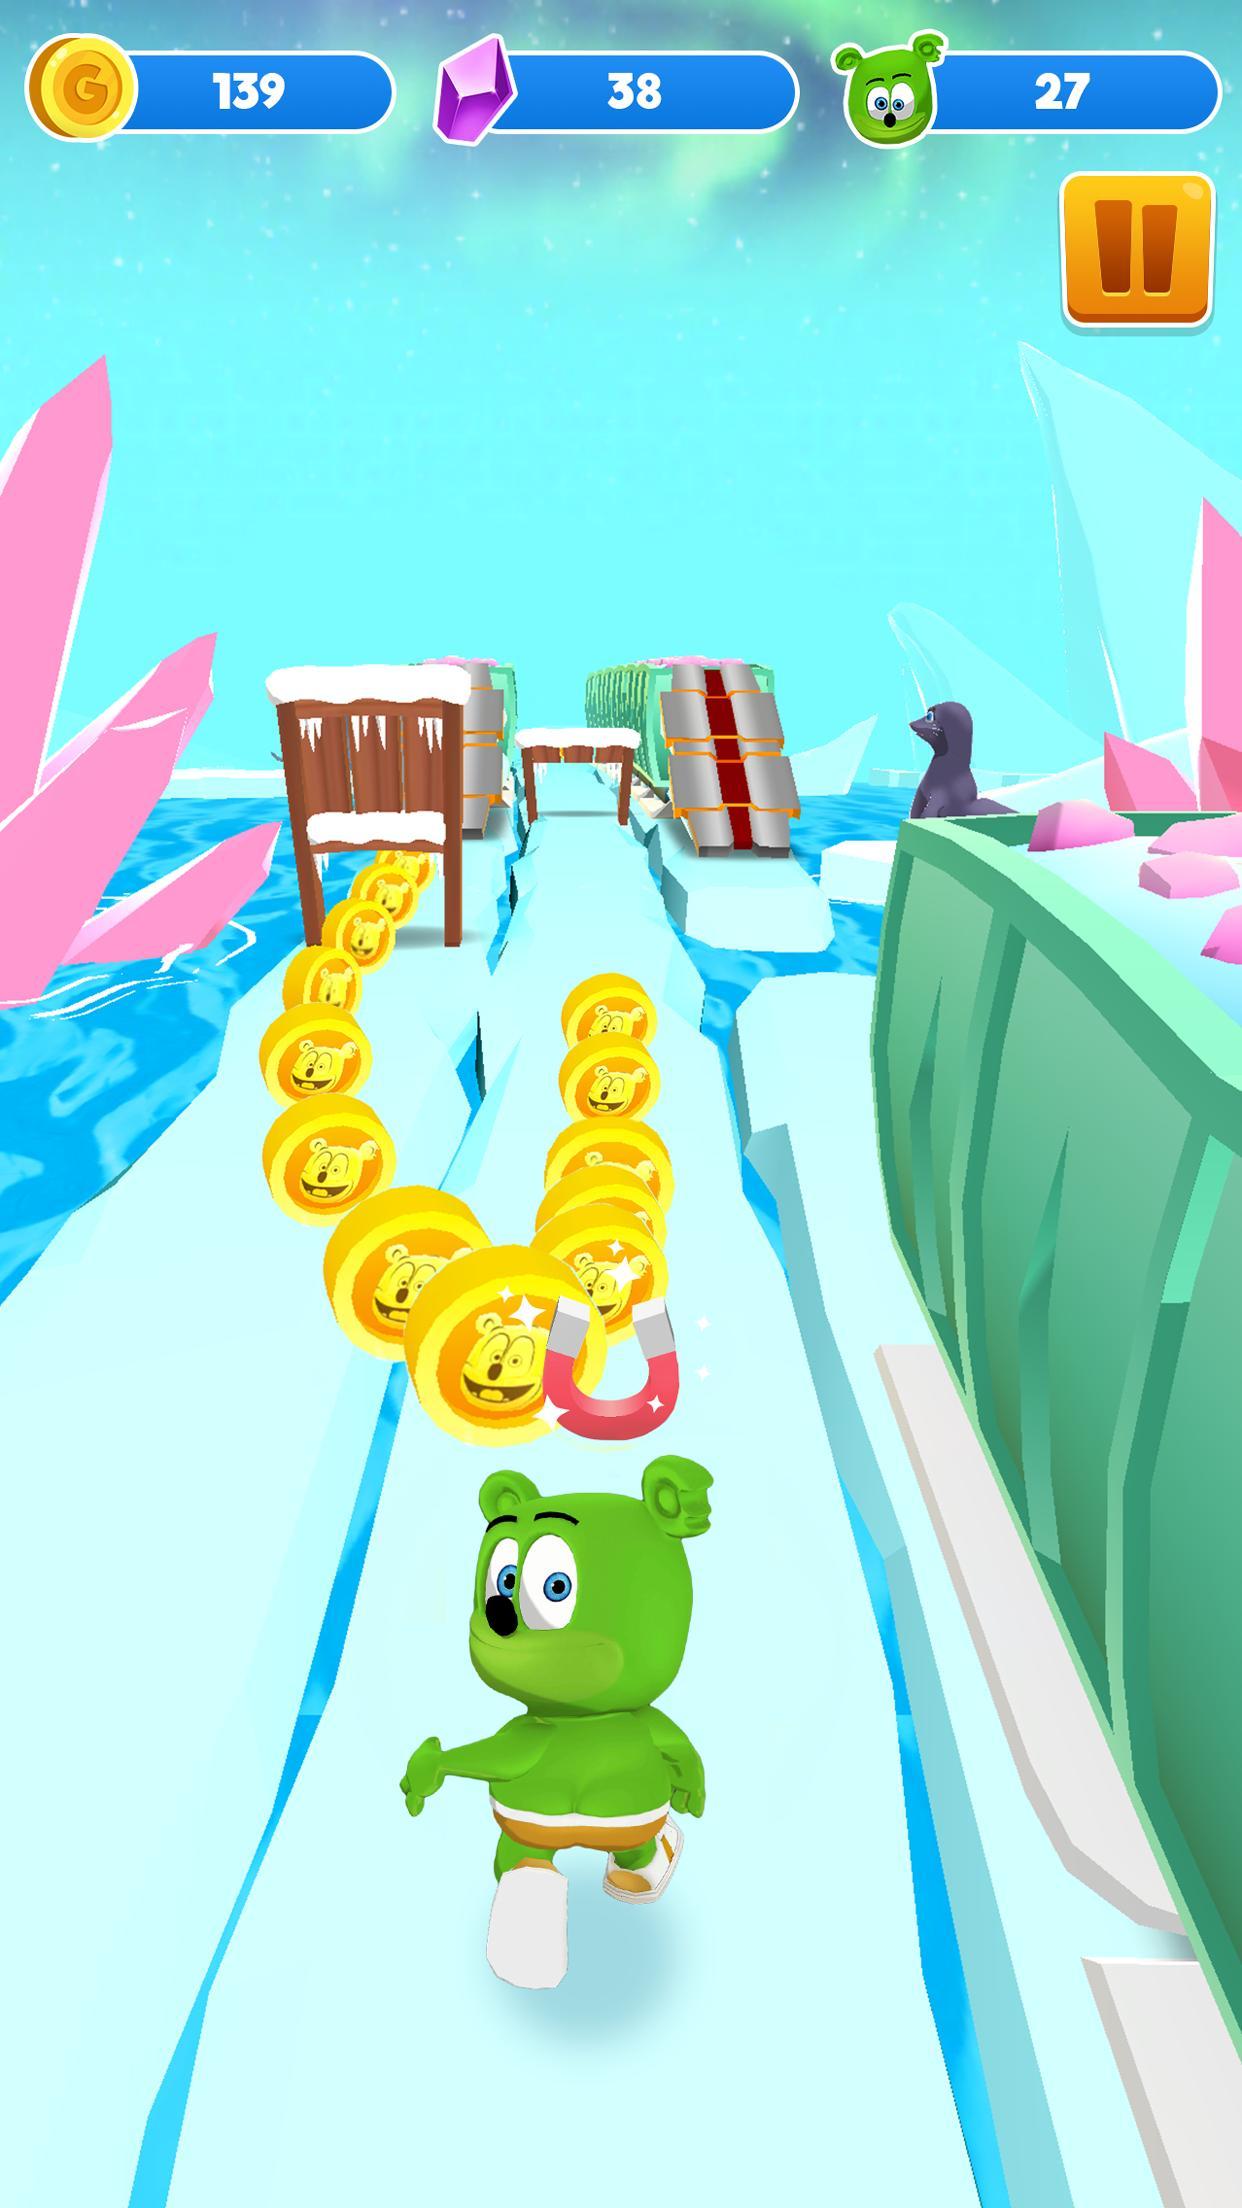 Gummy Bear Running - Endless Runner 2020 1.2.10 Screenshot 12